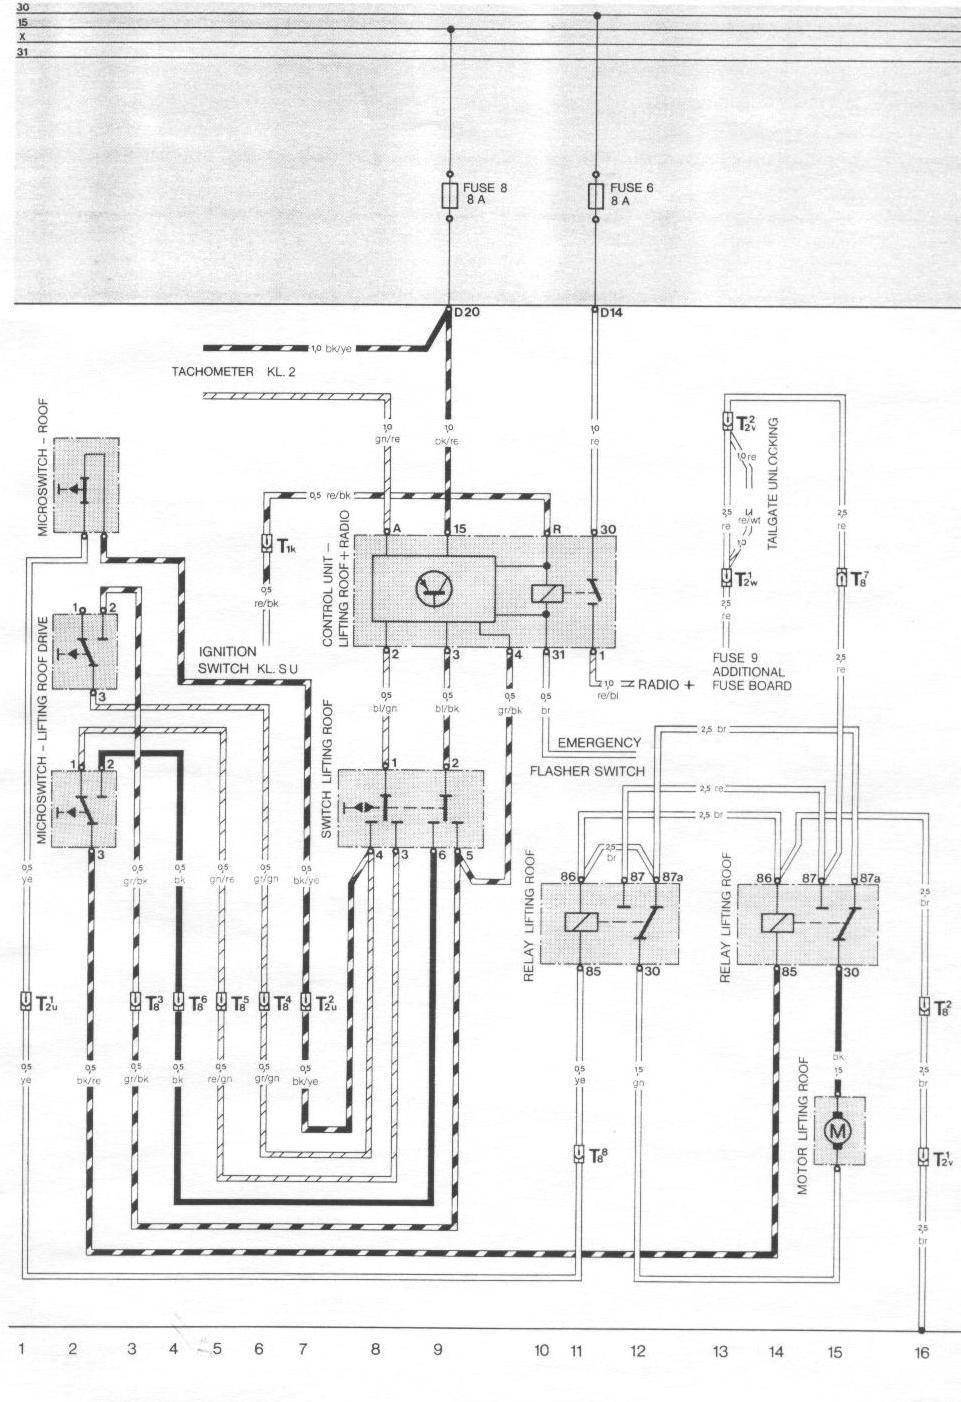 1984 porsche 924 fuse box diagram